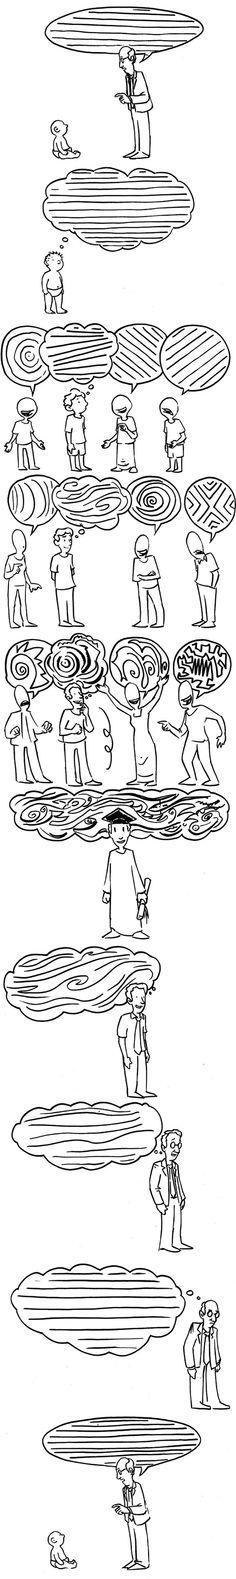 """Desarrollo del Pensamiento humano. ¿Dónde está el aprendizaje?  Tomado de gordonerd """"Pensamento humano"""""""